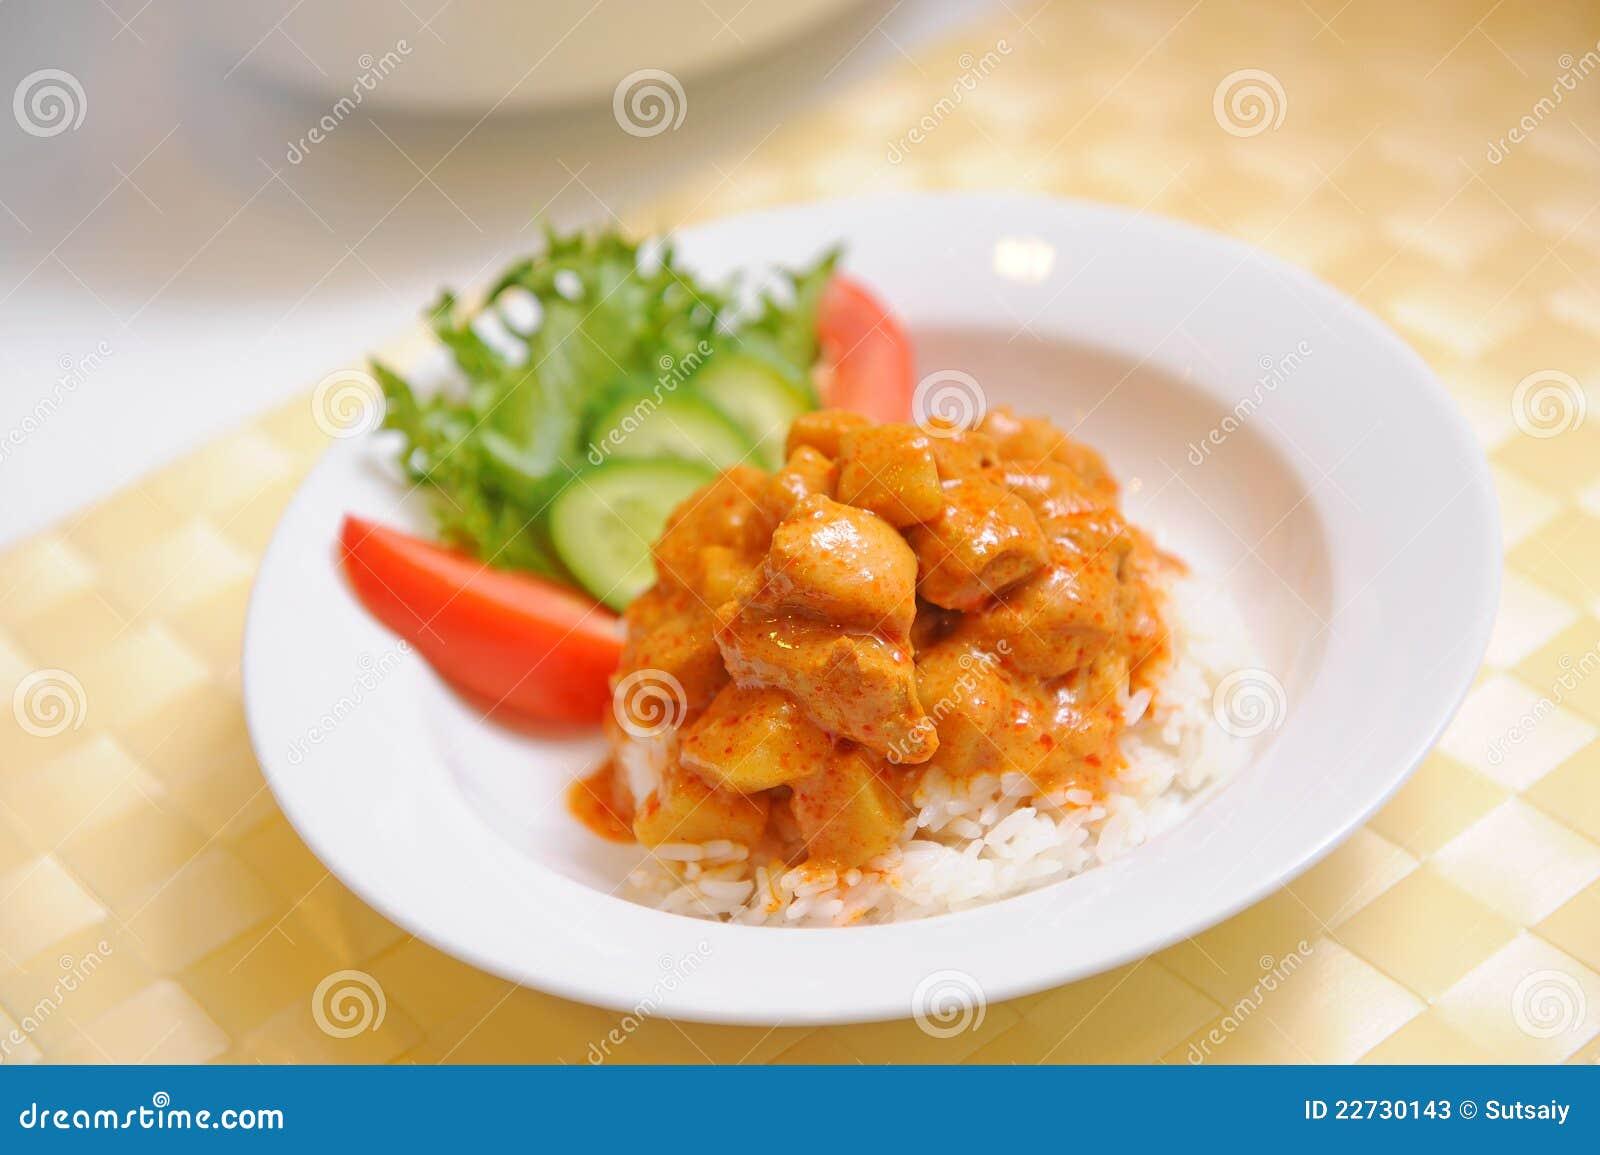 Färben Sie Curry-Huhn Mit Reis - Siamesische Nahrung Gelb Stockbild ...